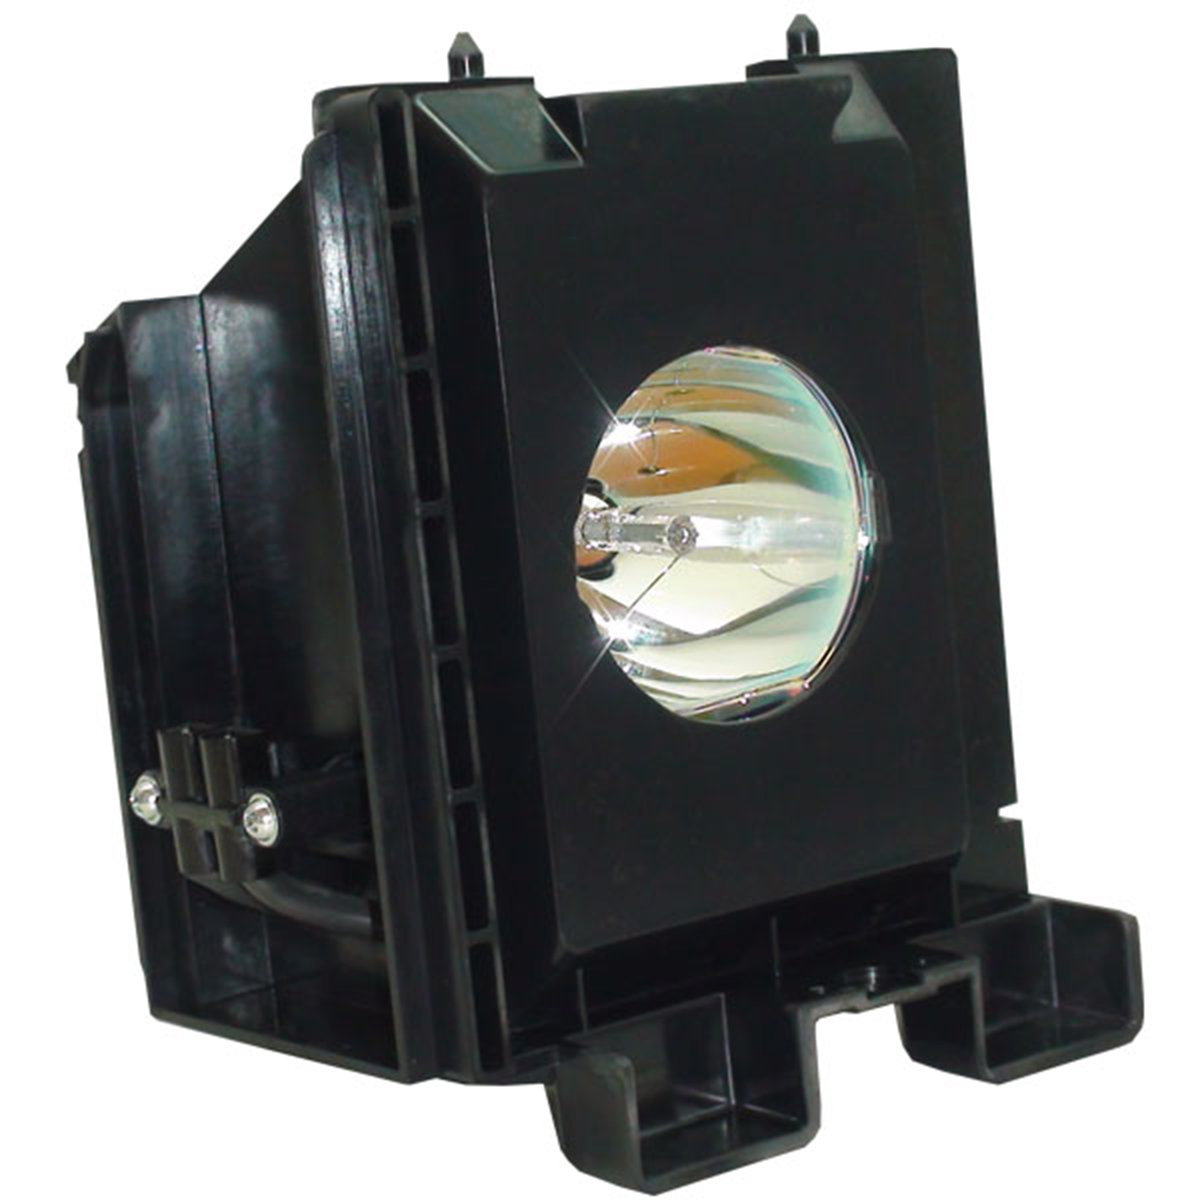 Lutema Platinum pour Samsung HLP5667W lampe de t�l�vision avec bo�tier (ampoule Philips originale � l'int�rieur) - image 4 de 5